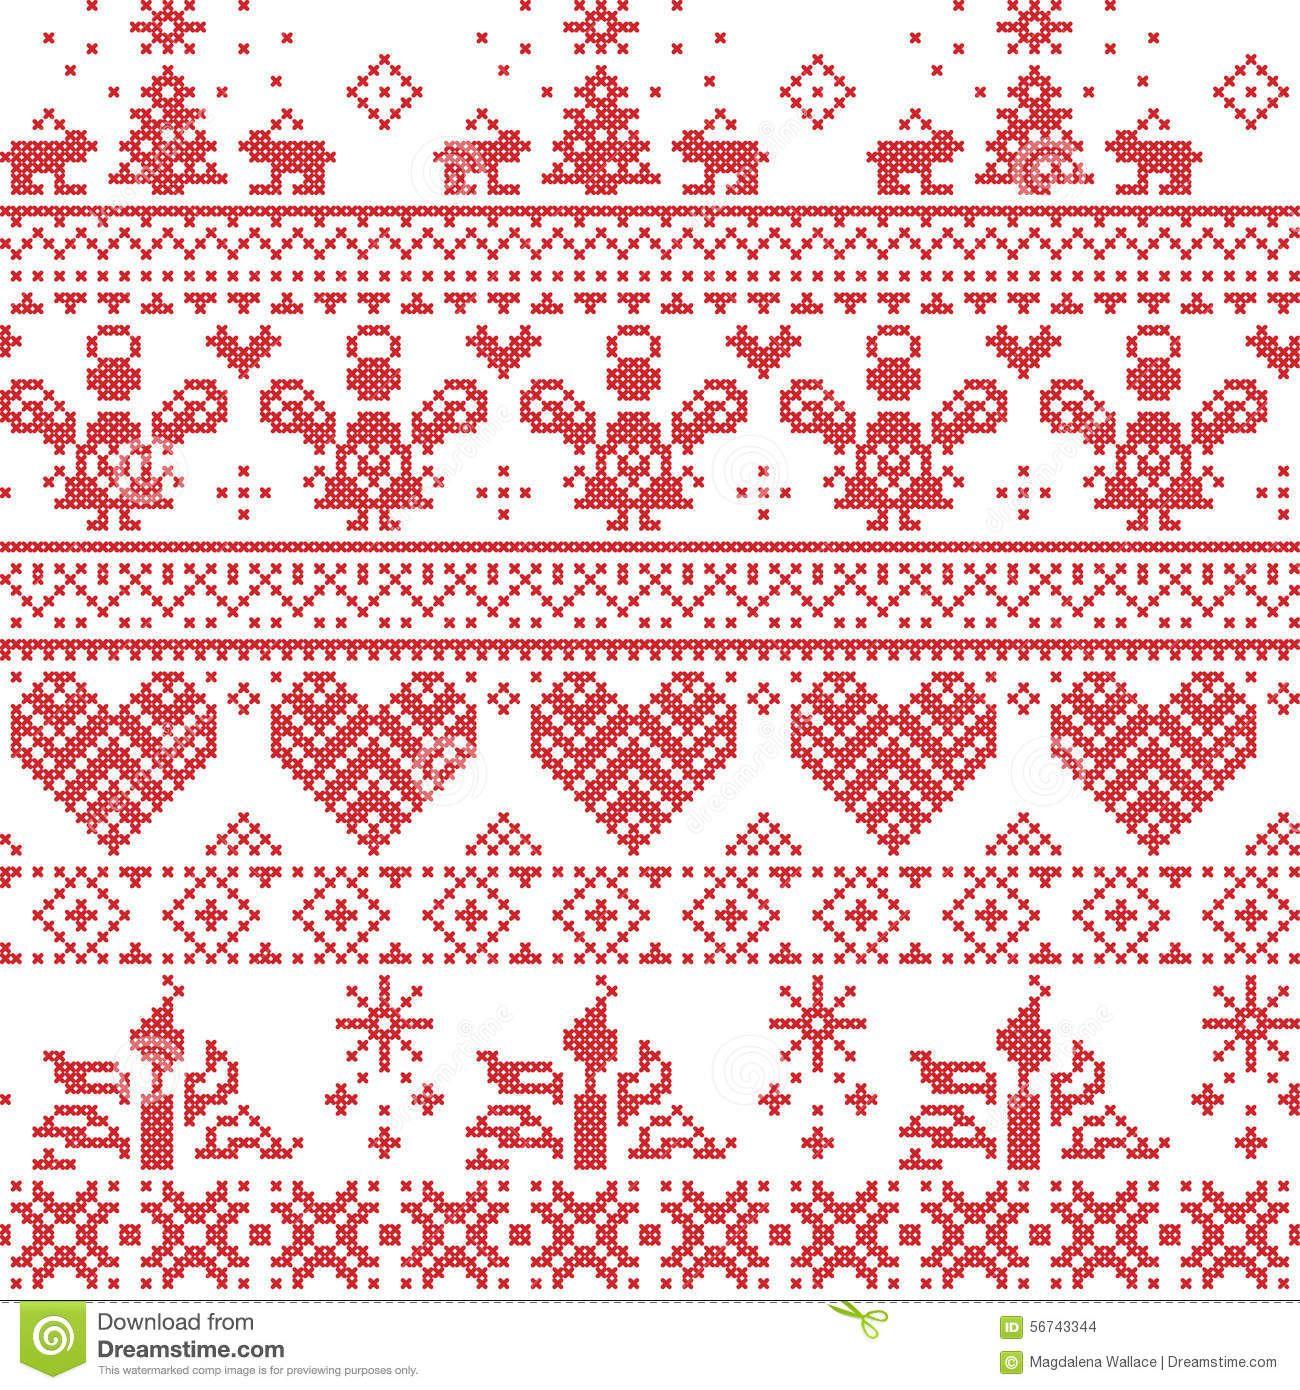 Різдвяна вишивка схеми та ідеї для скатертин та серветок